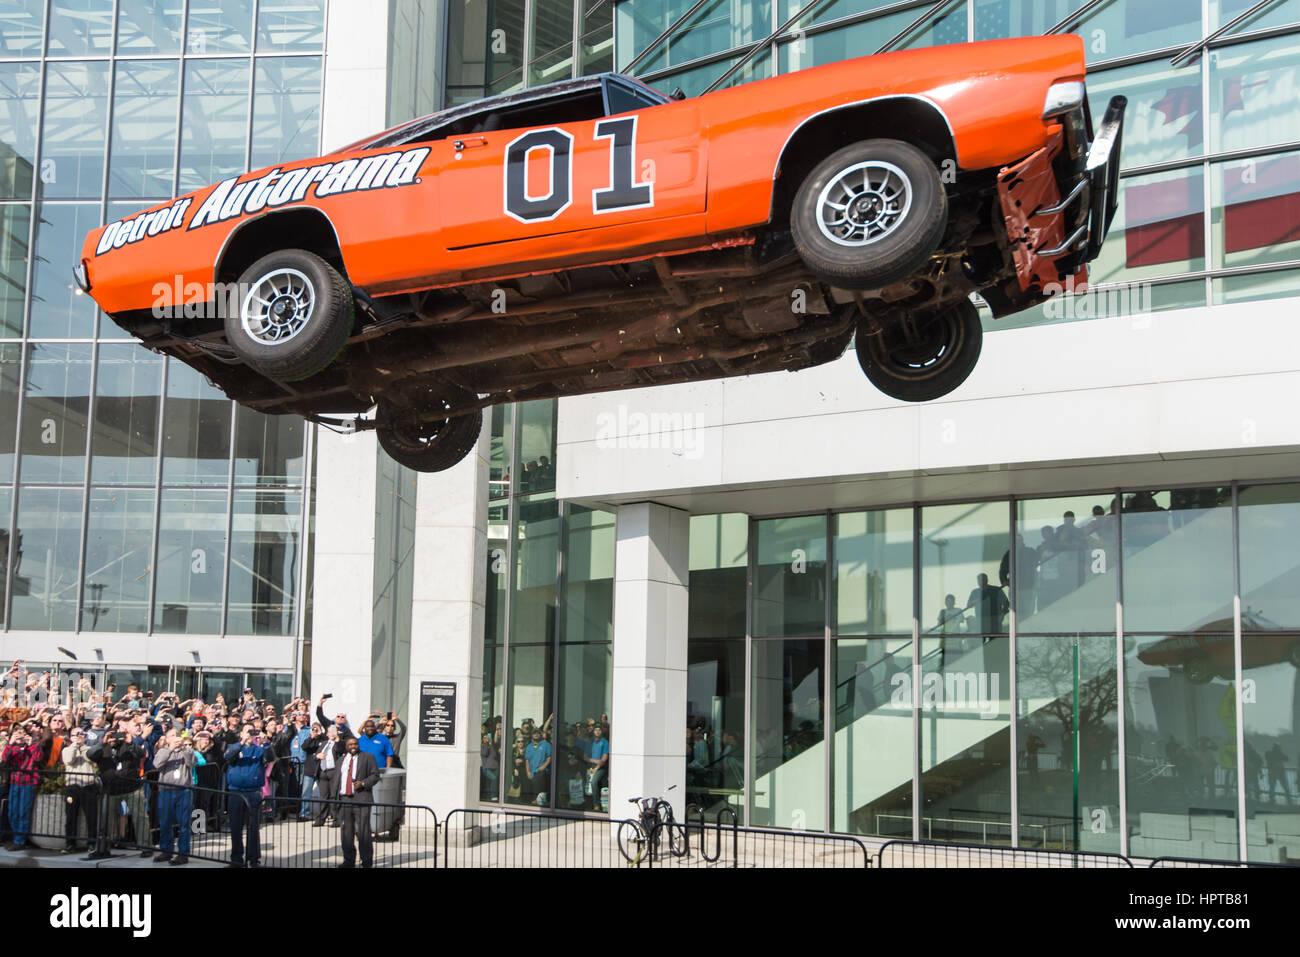 Detroit, USA. 24th Feb, 2017. The General Lee car, a Dodge ...  The Dukes Of Hazzard 2017 Car